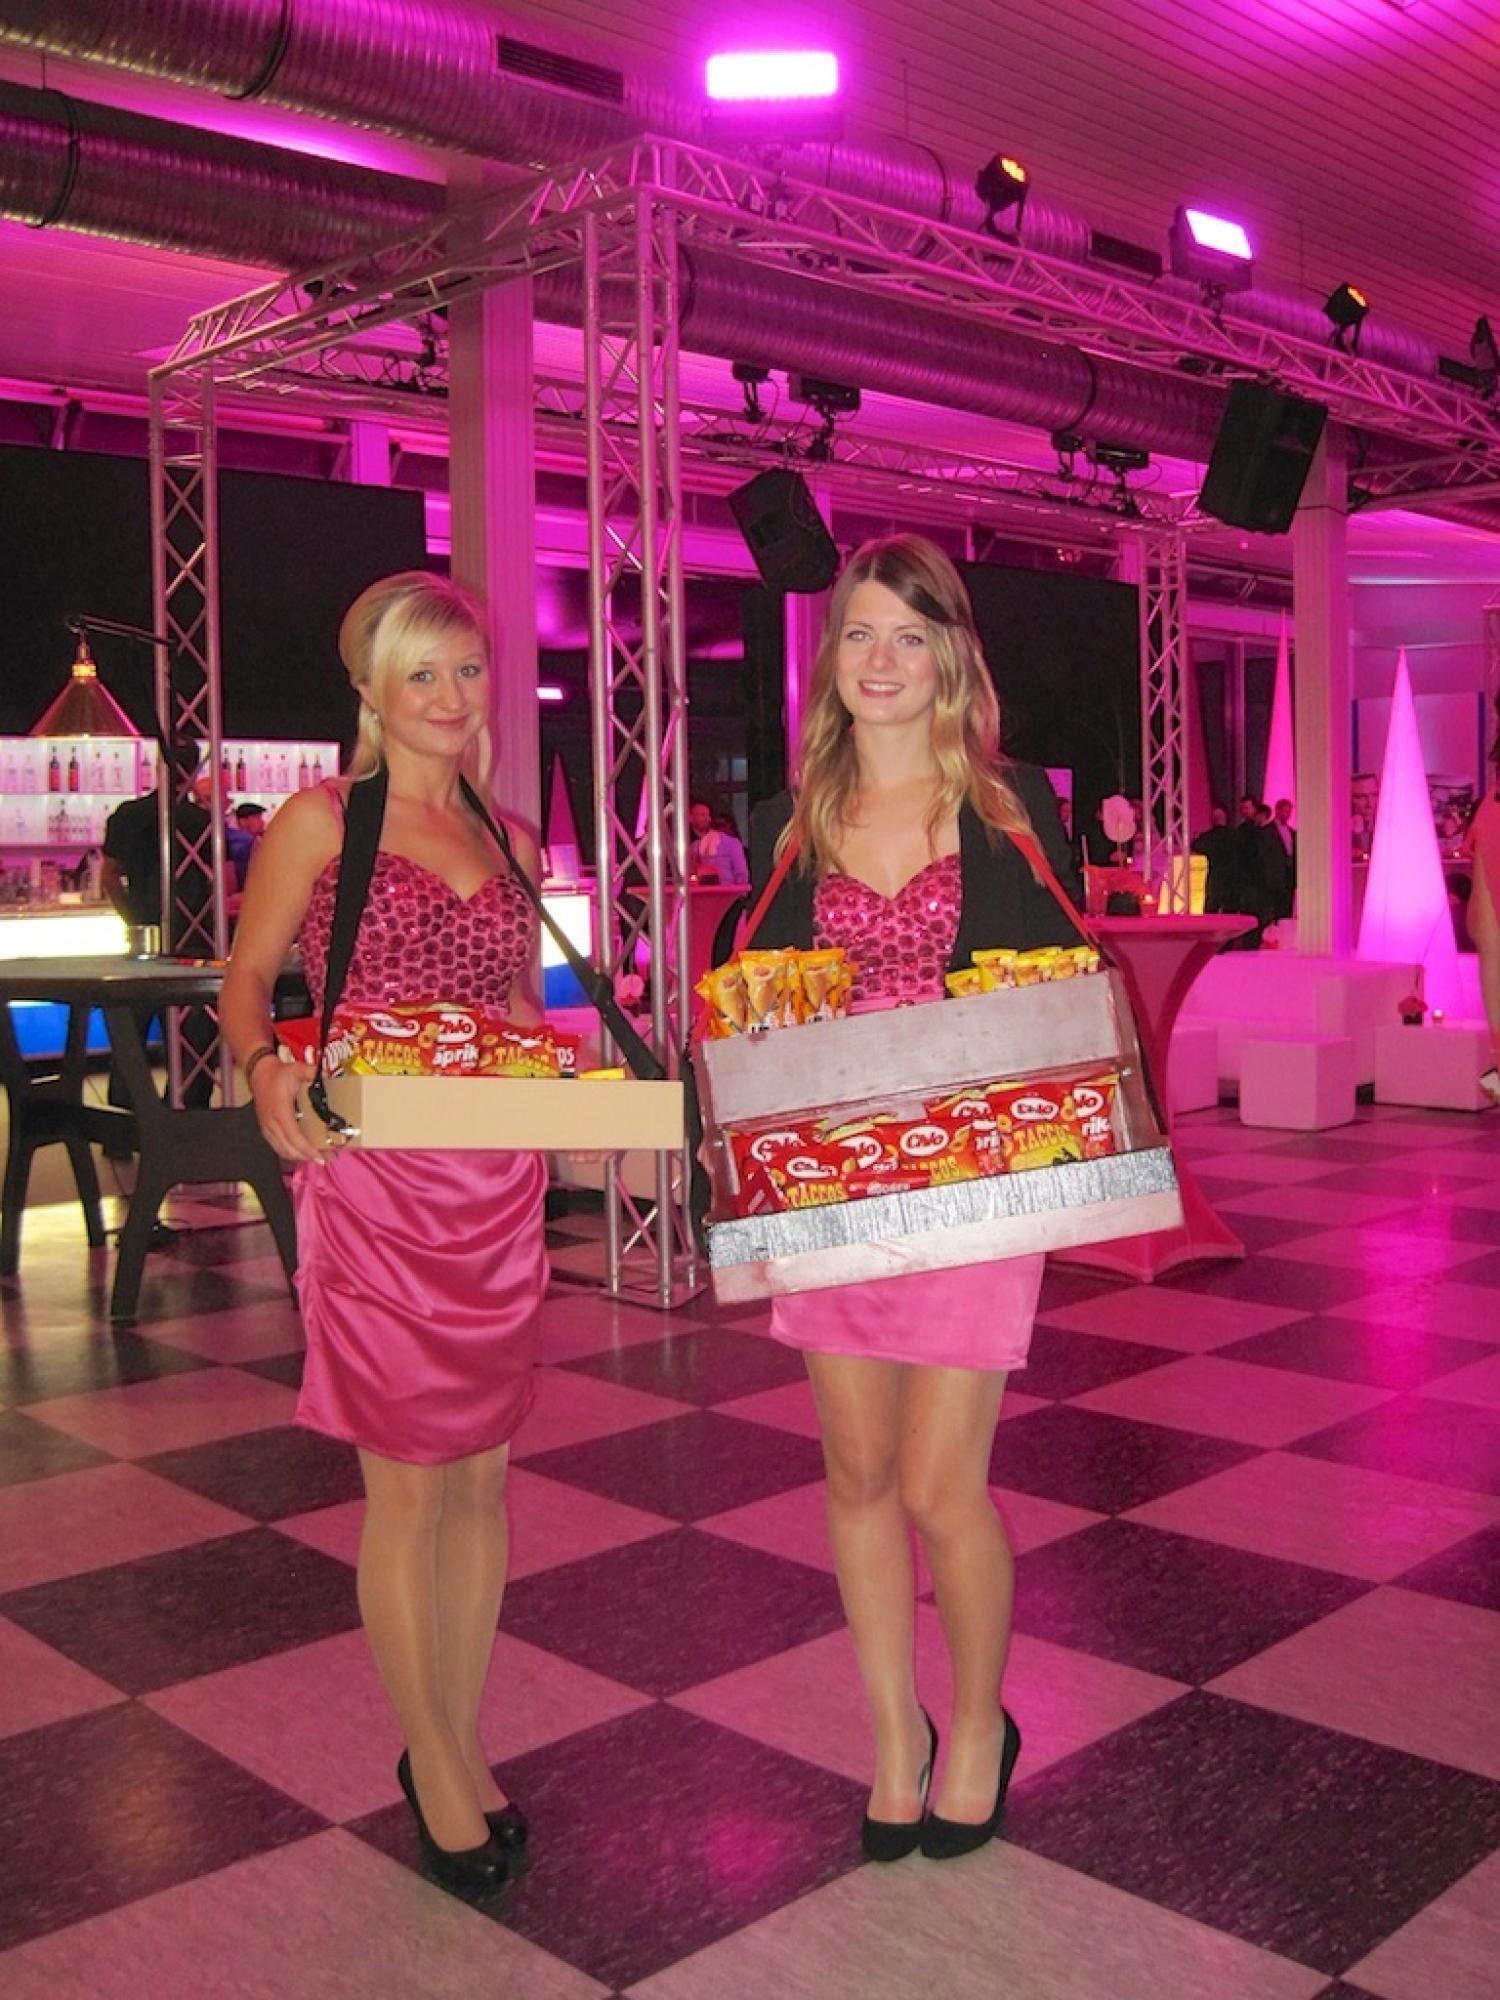 Begrüßung der Gäste im Candy-Shop.